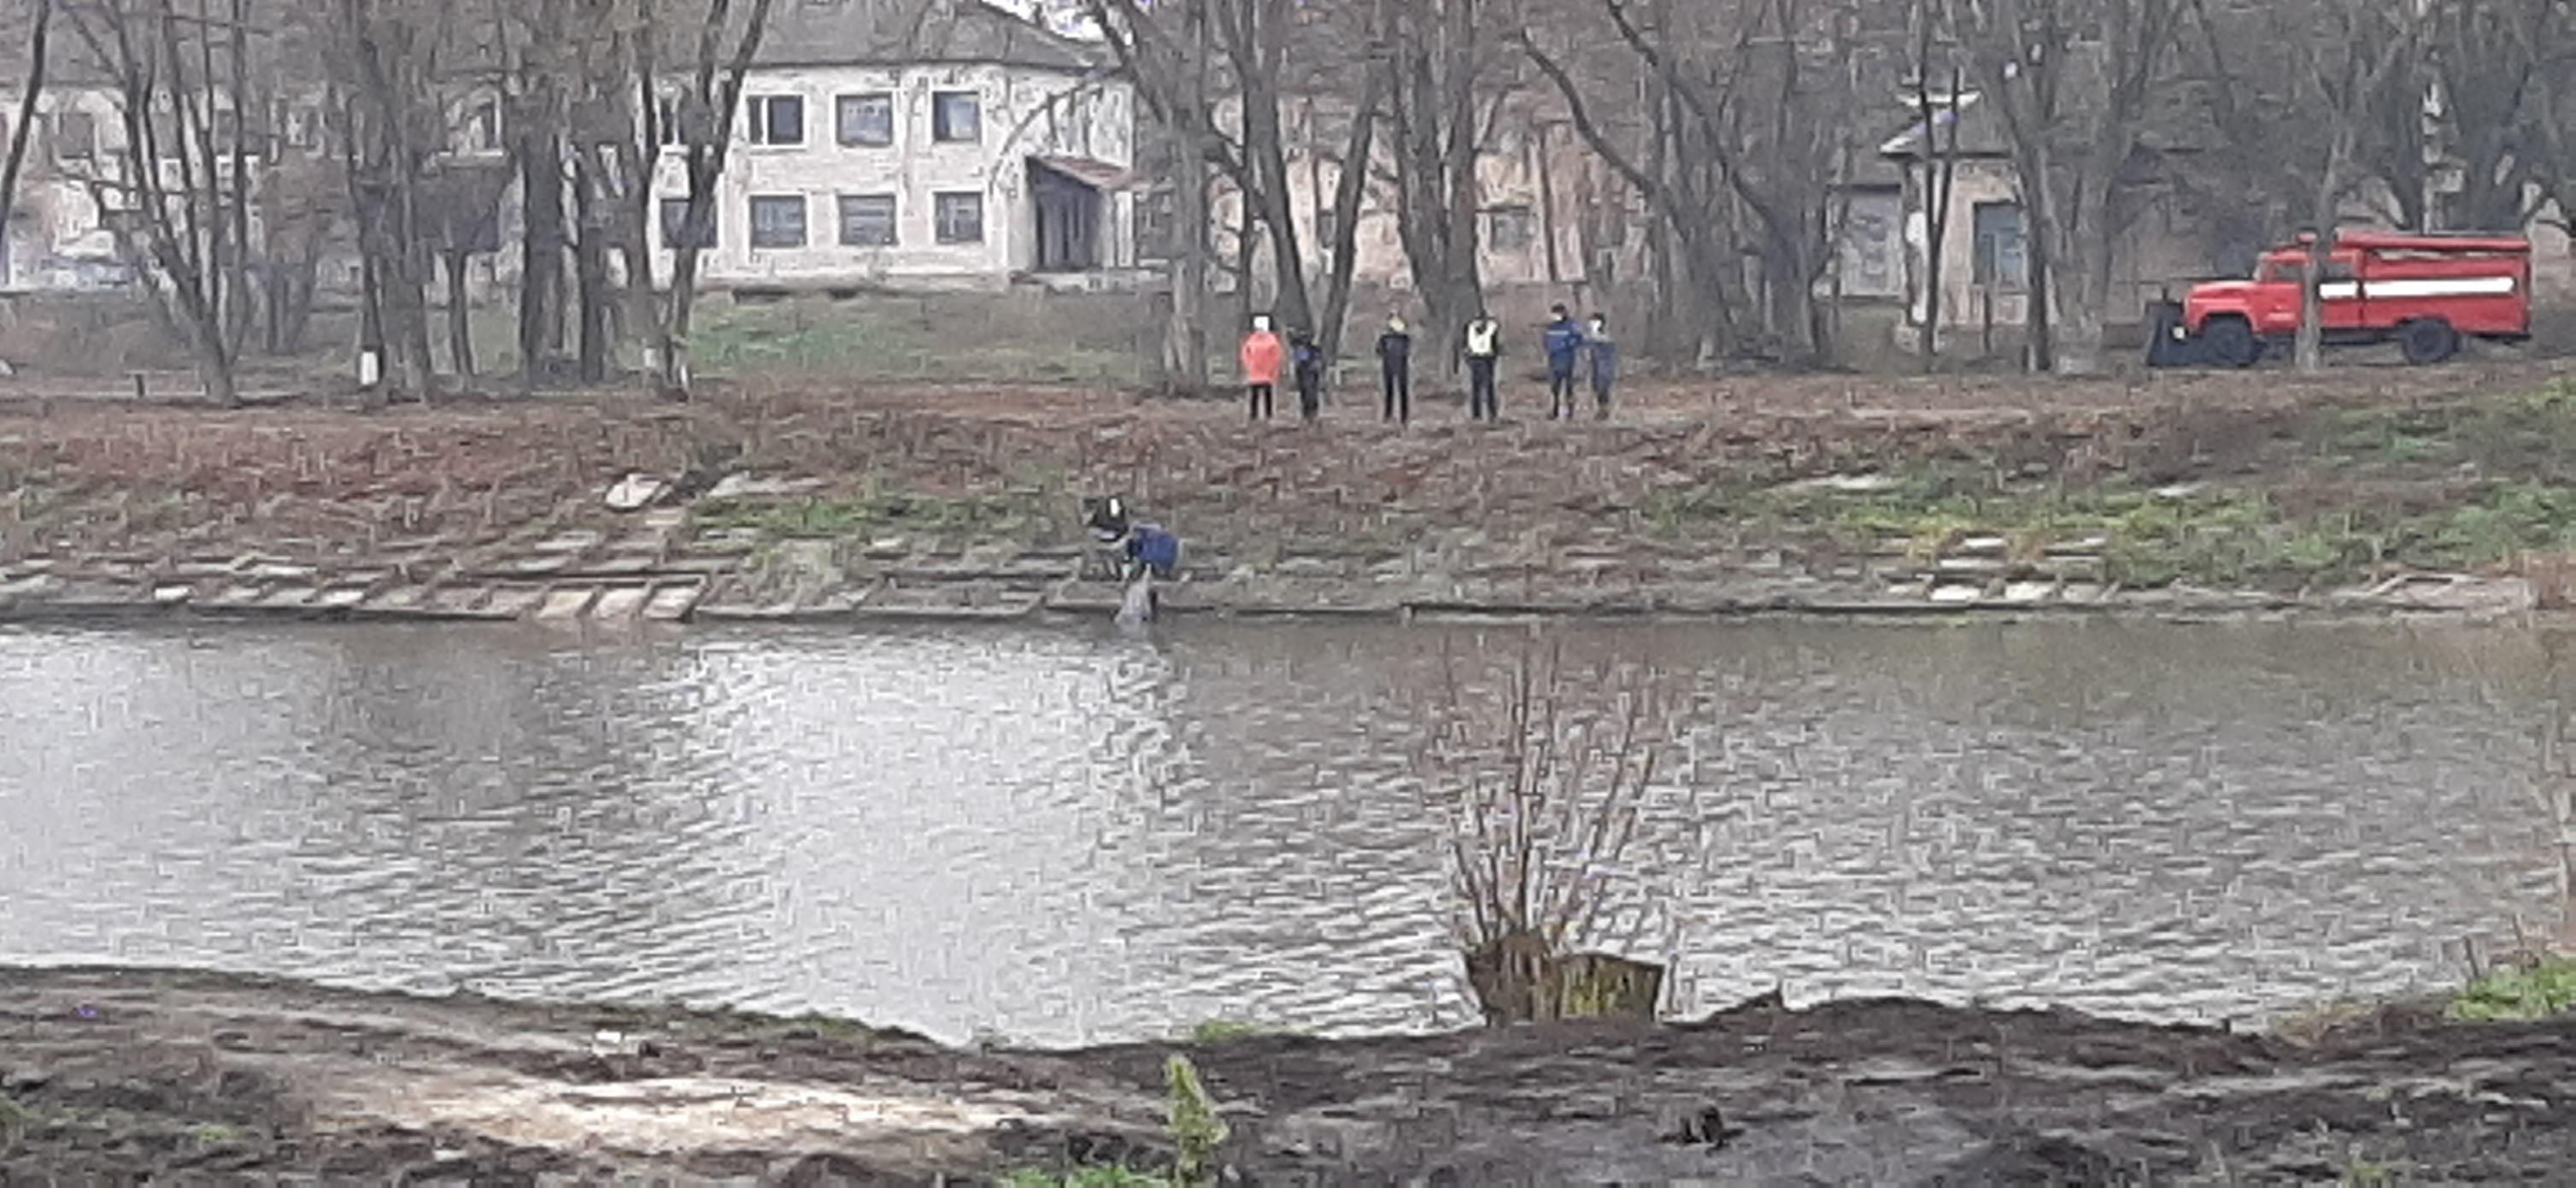 Із водойми в Носівці дістали тіло жінки (Фотофакт)